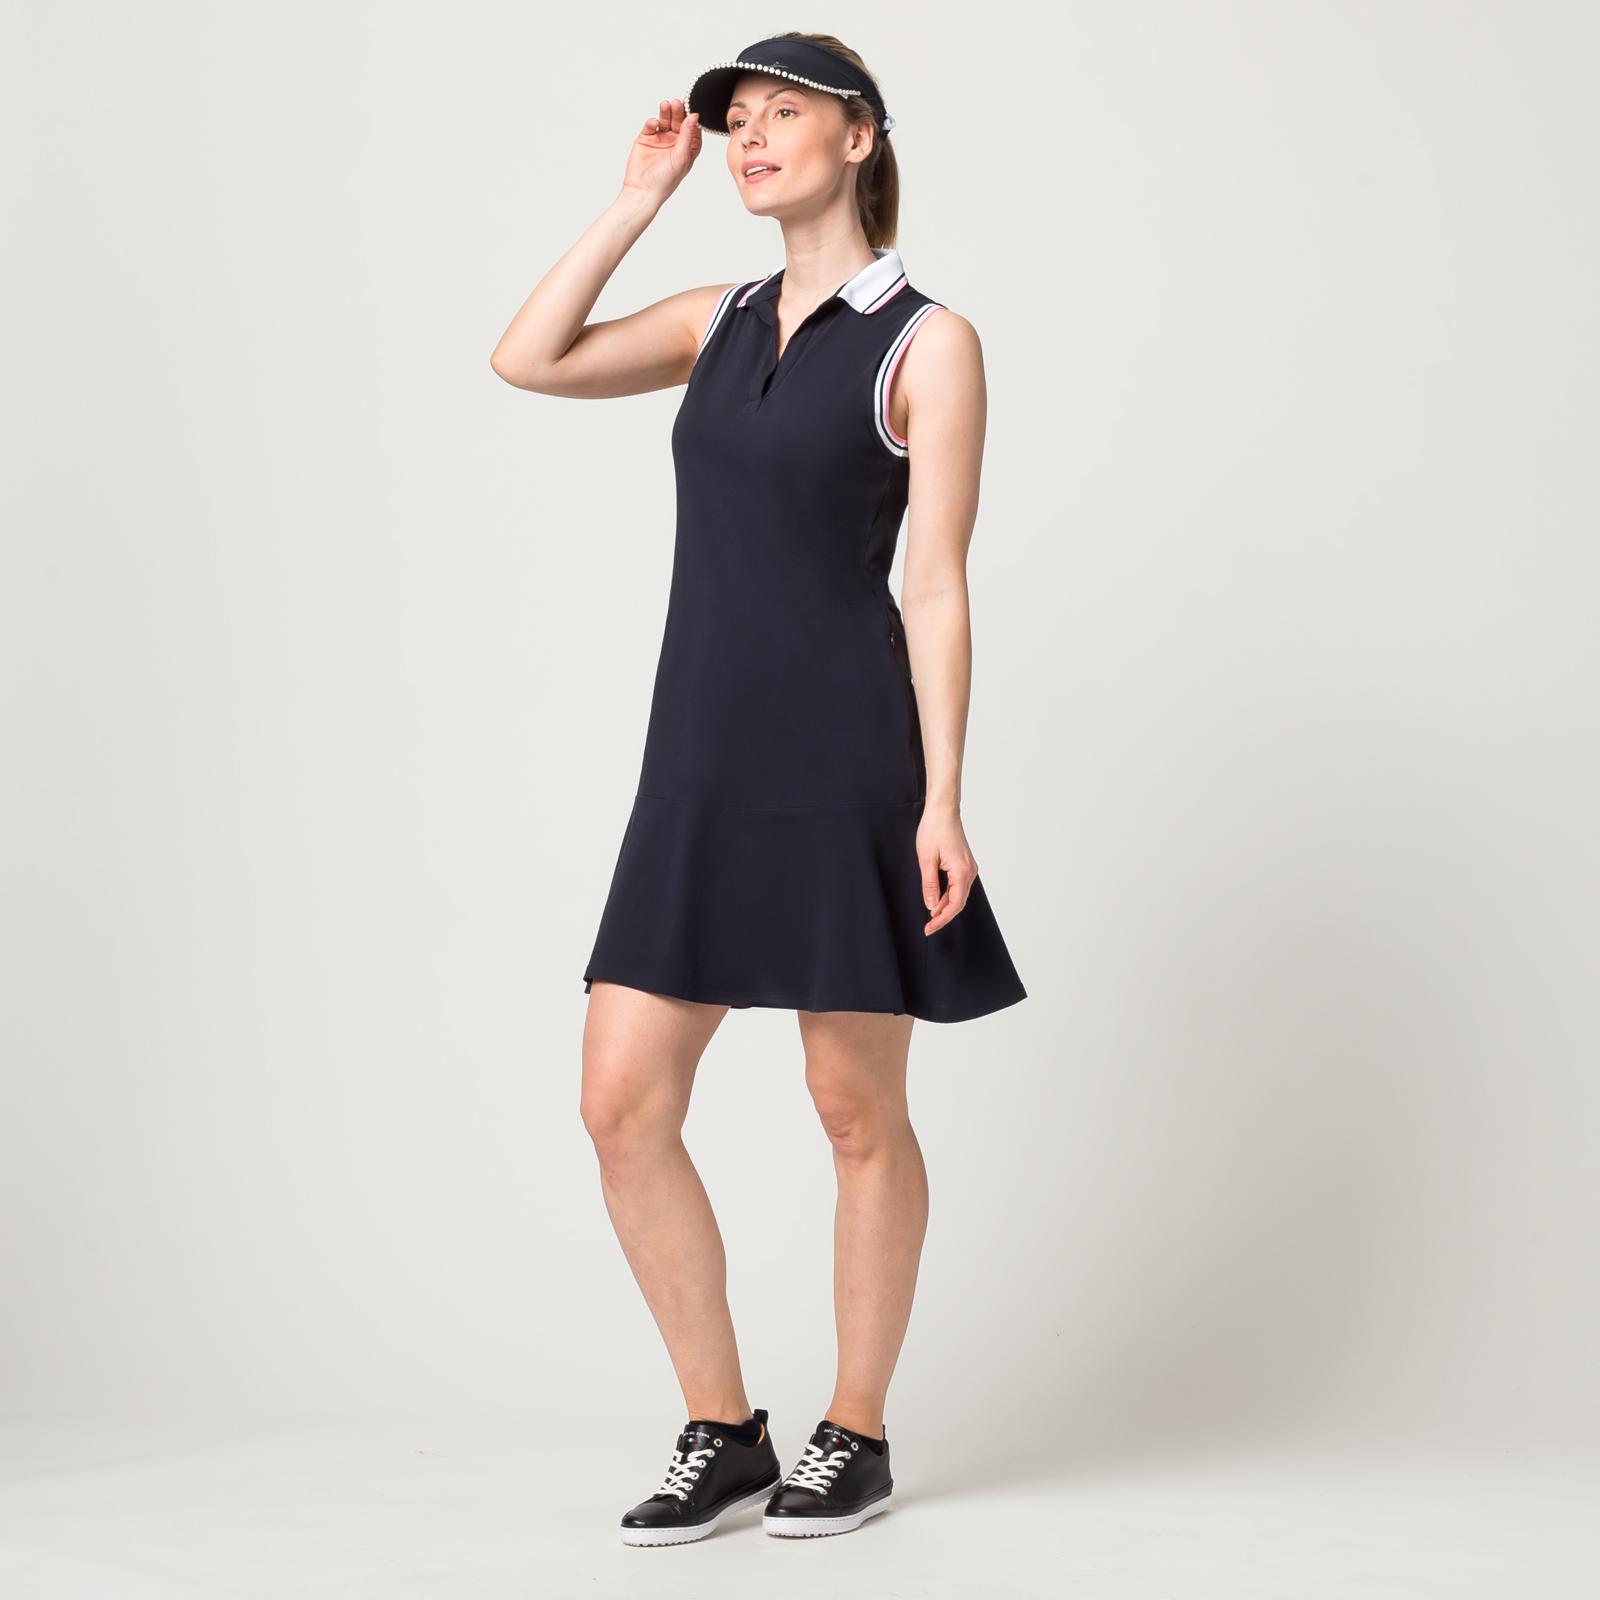 Ärmelloses Damen Golfkleid mit Sonnenschutz in Slim Fit